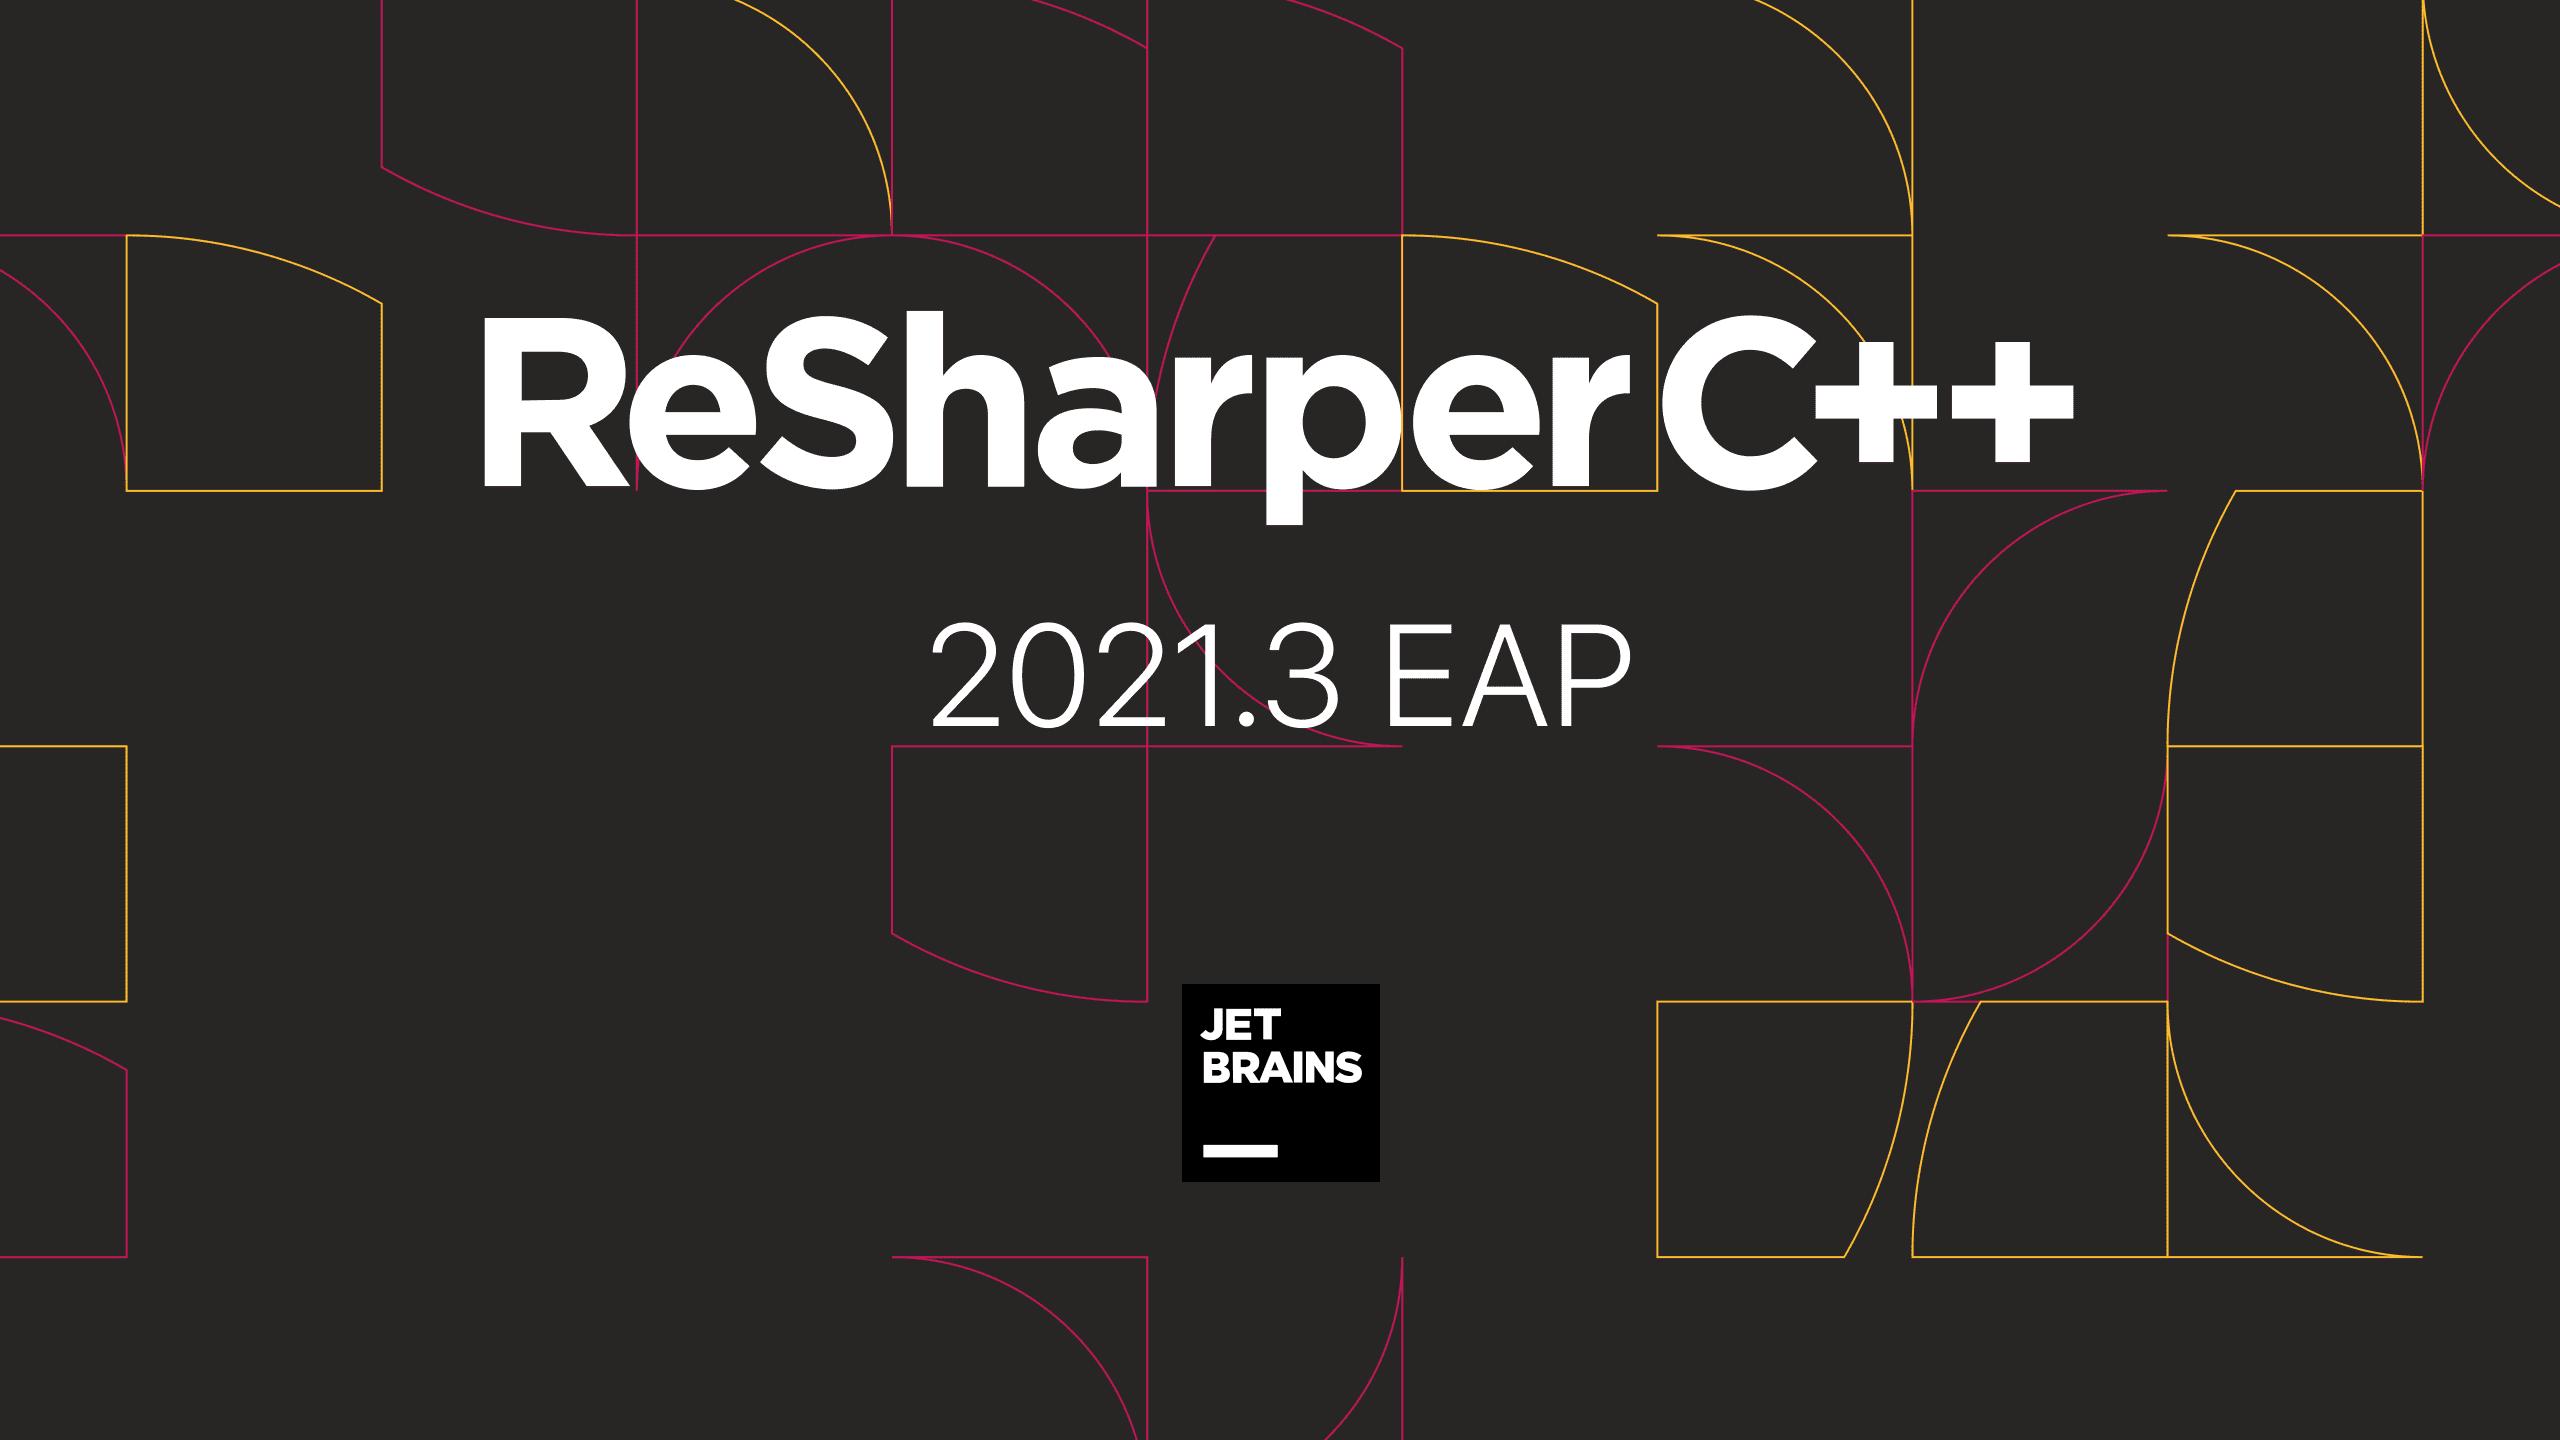 ReSharper C++ 2021.3 EAP